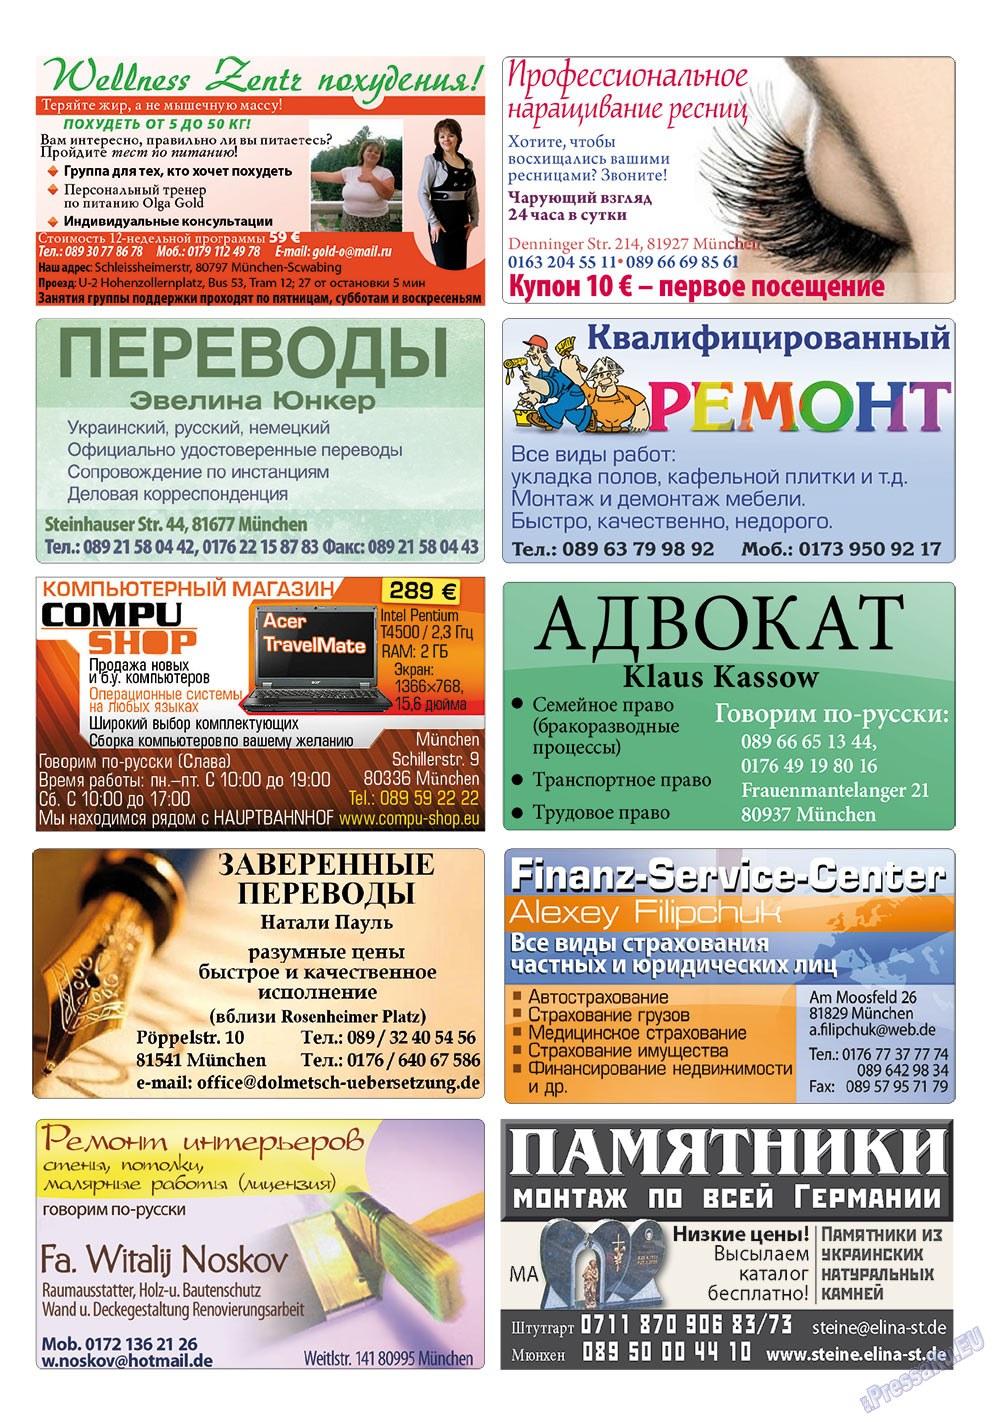 Апельсин (журнал). 2011 год, номер 25, стр. 39